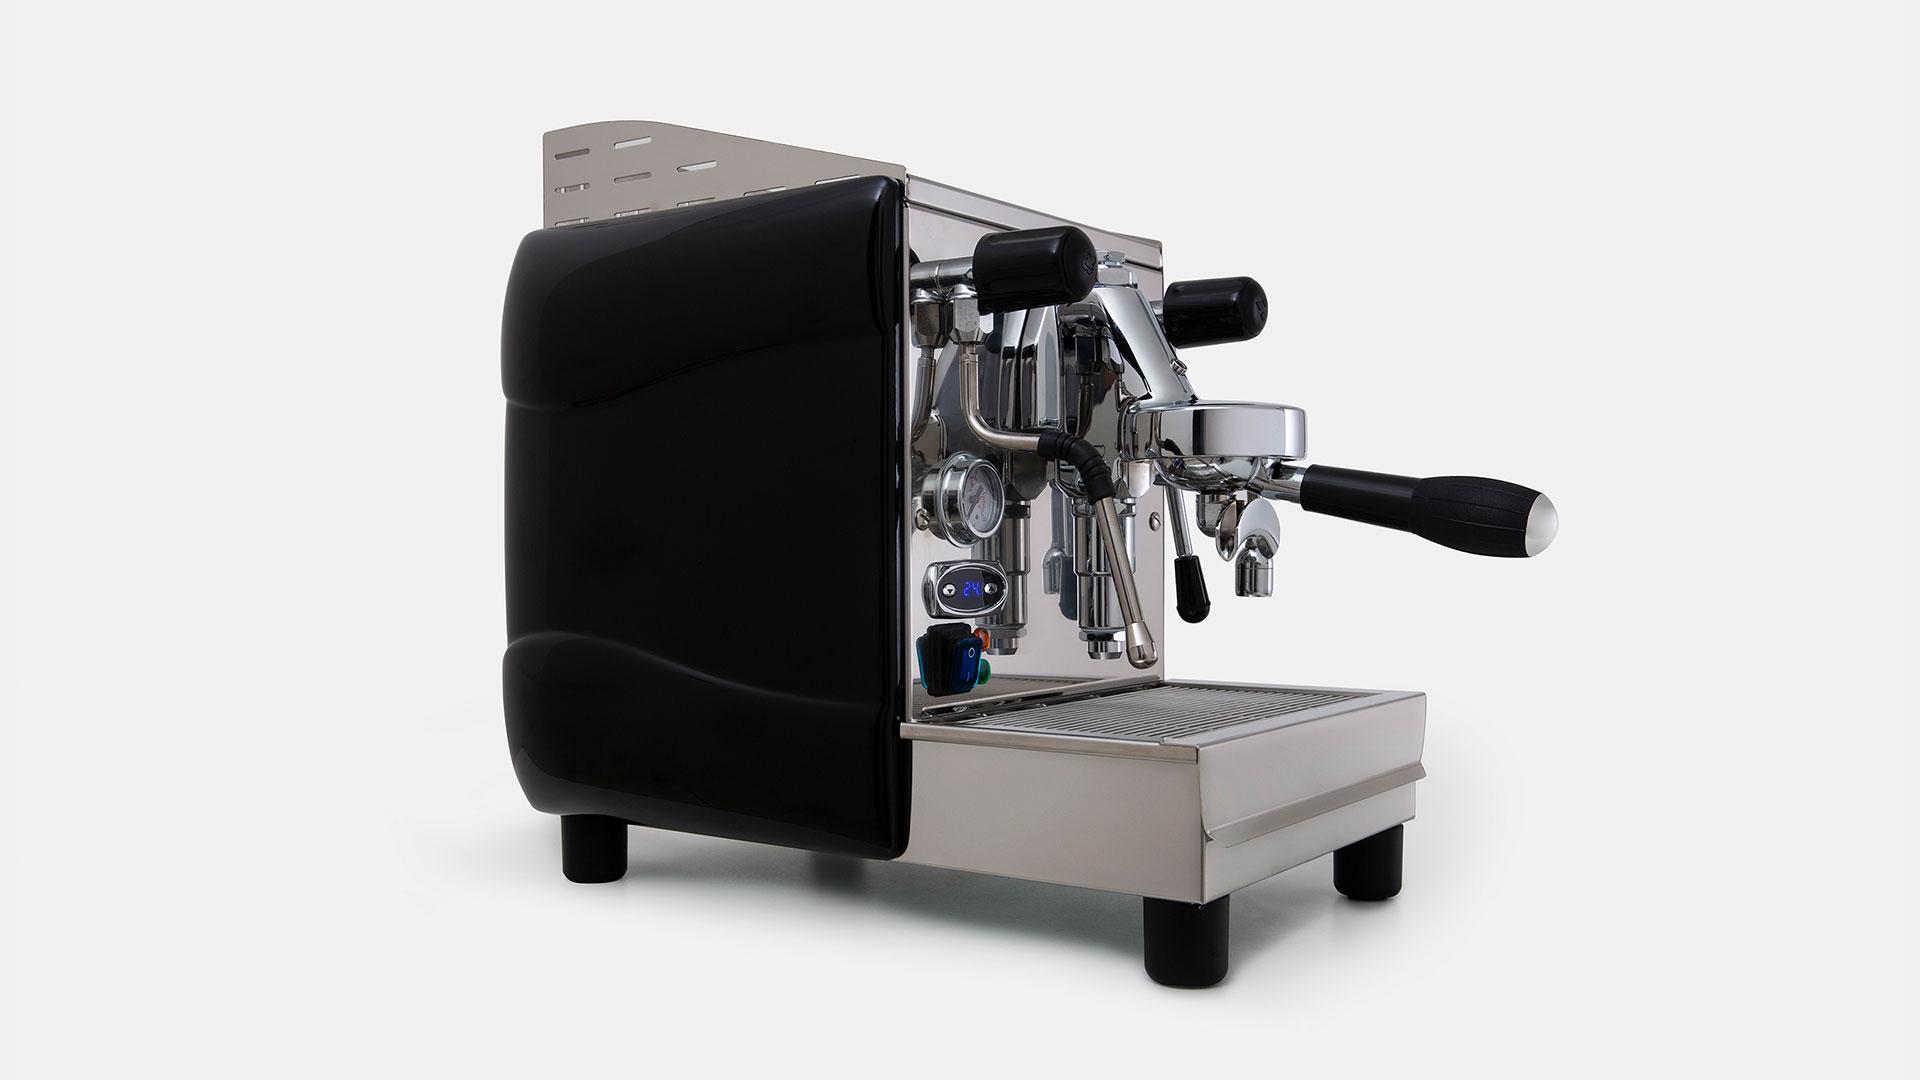 butterfly-la-scala-macchina-espresso-made-in-italy-artigianale-compatta